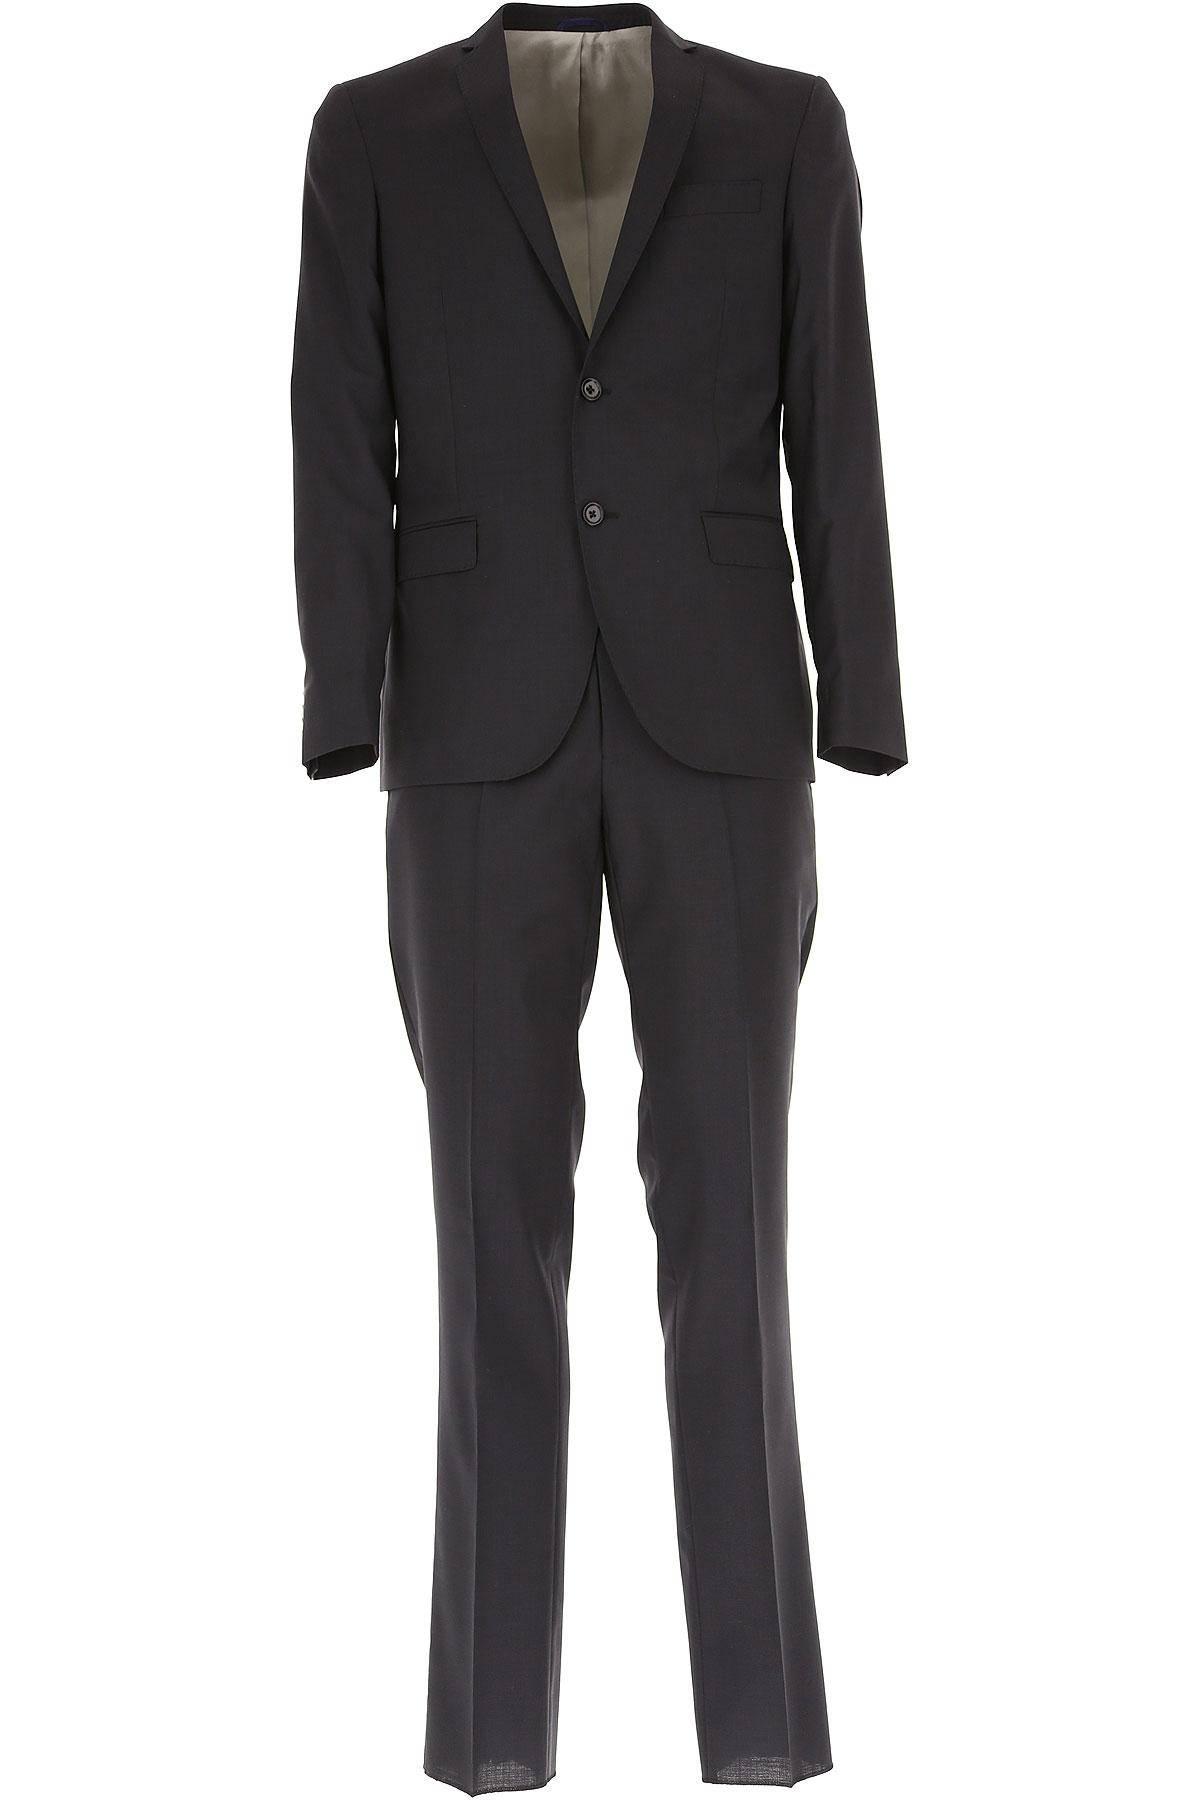 Simbols Men's Suit On Sale, Blue, Wool, 2019, L M S XL XXL XXXL